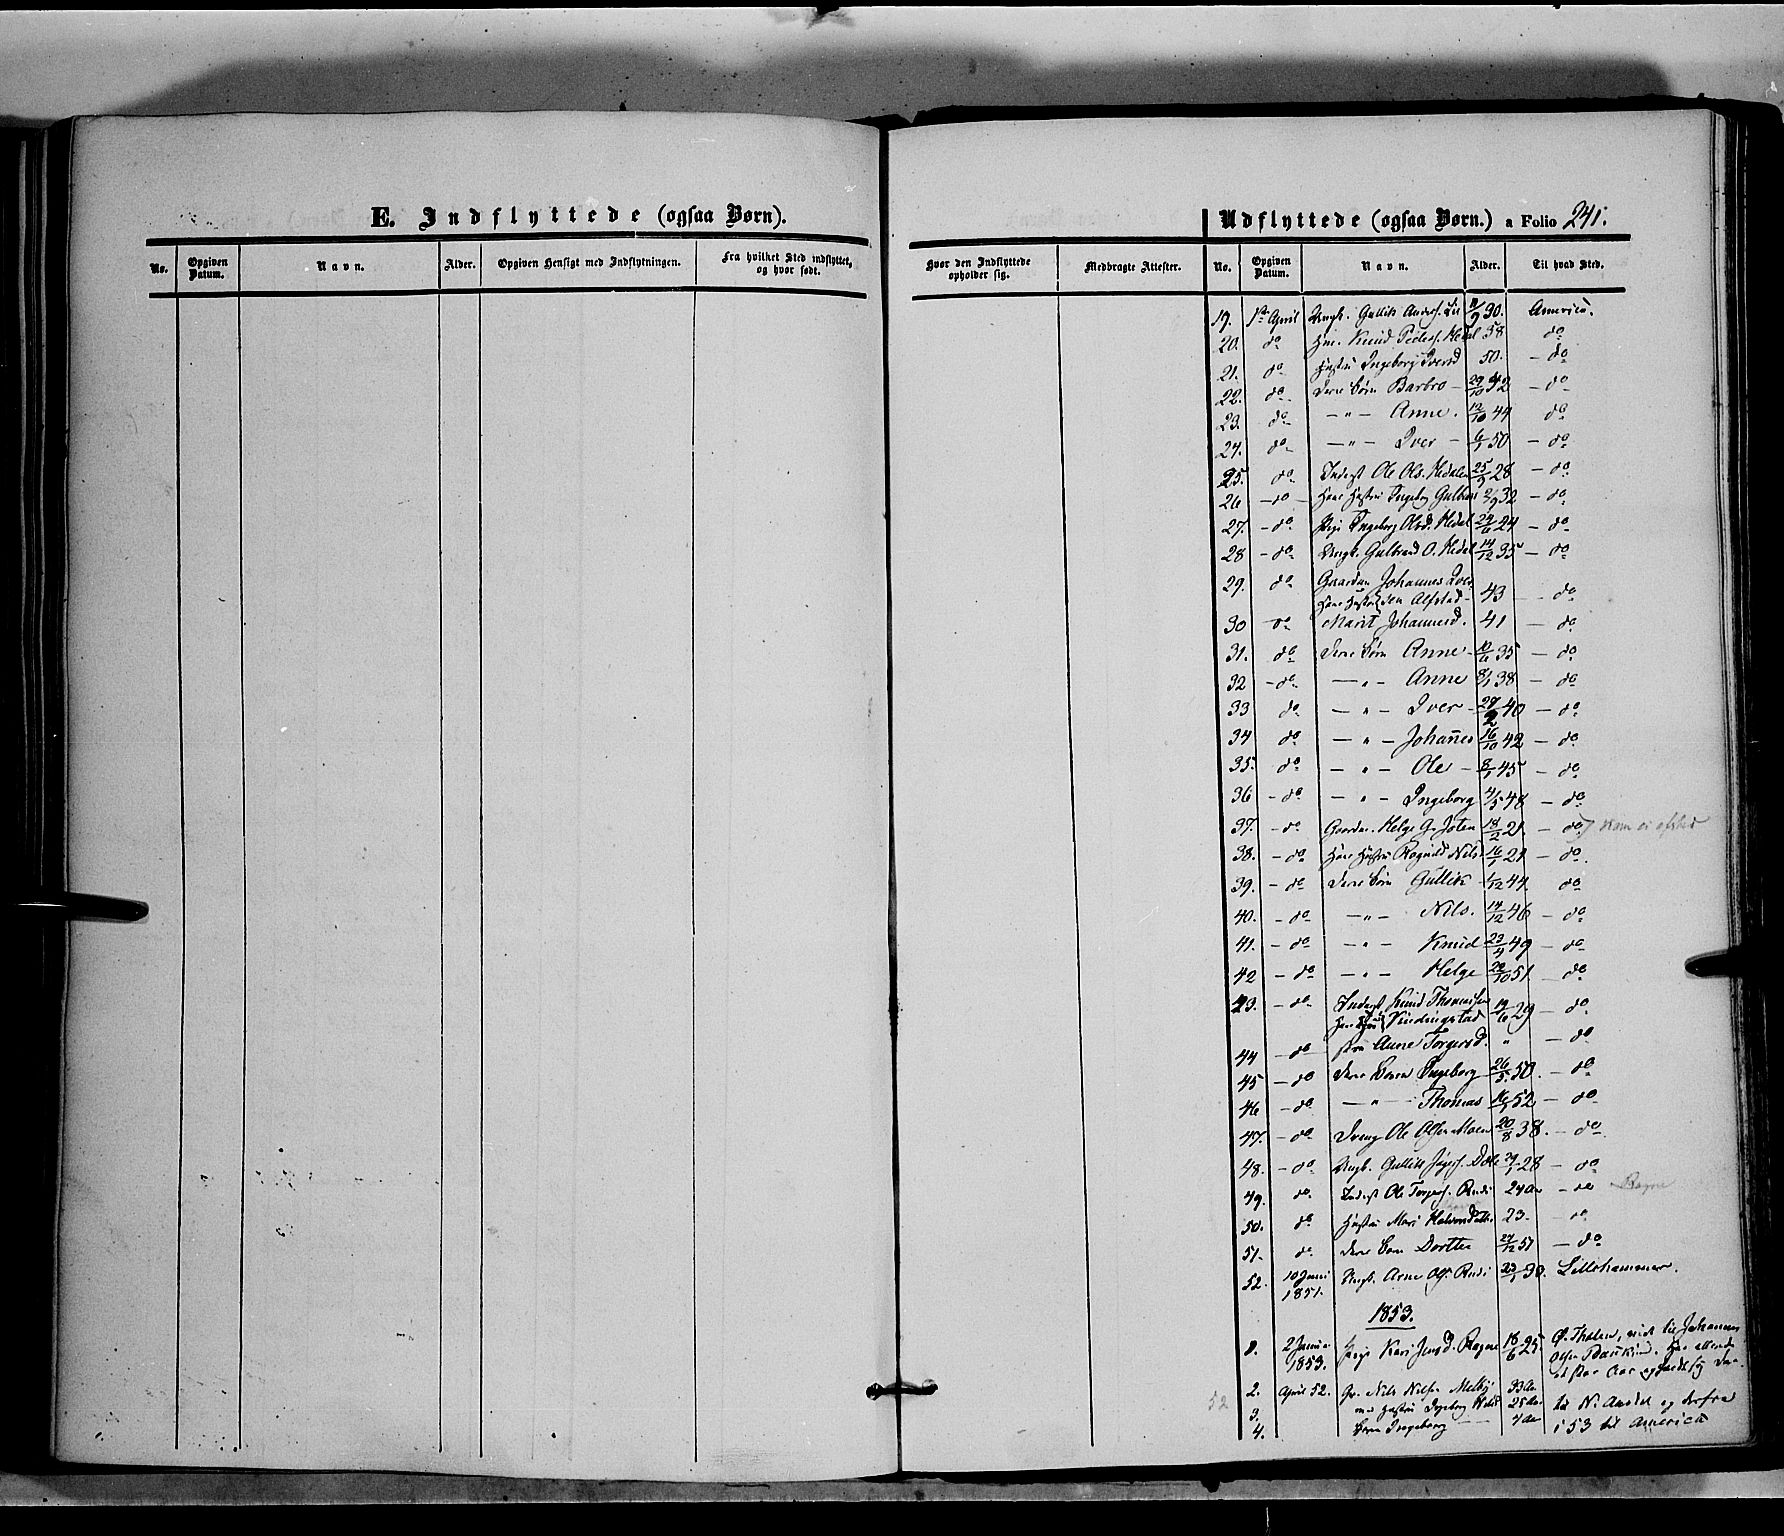 SAH, Øystre Slidre prestekontor, Ministerialbok nr. 1, 1849-1874, s. 241